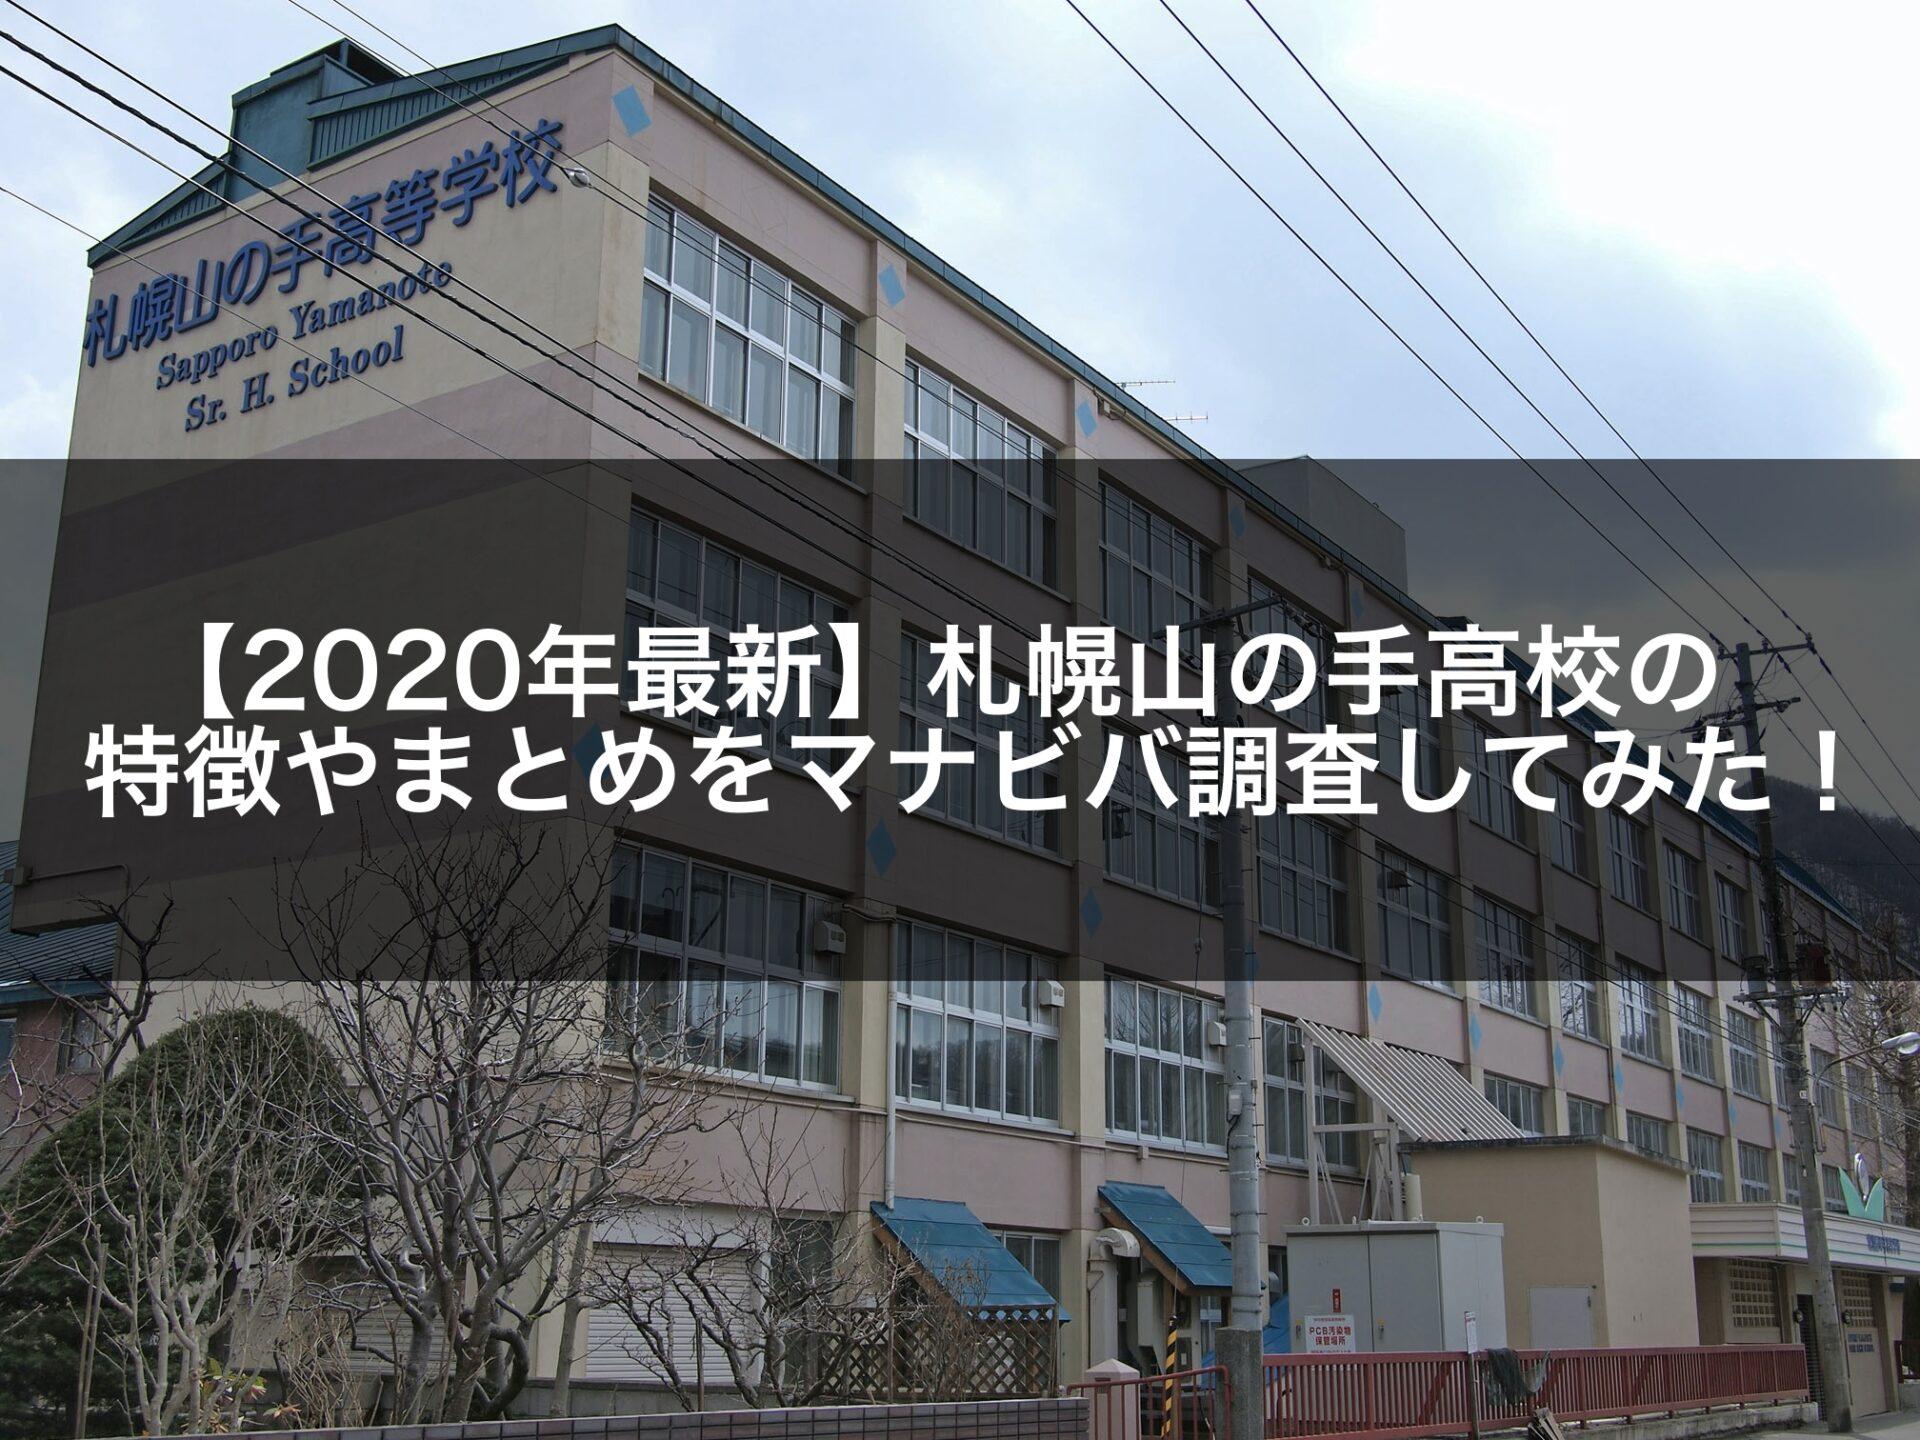 【2020年最新】札幌山の手高校の特徴やまとめをマナビバ調査してみた!